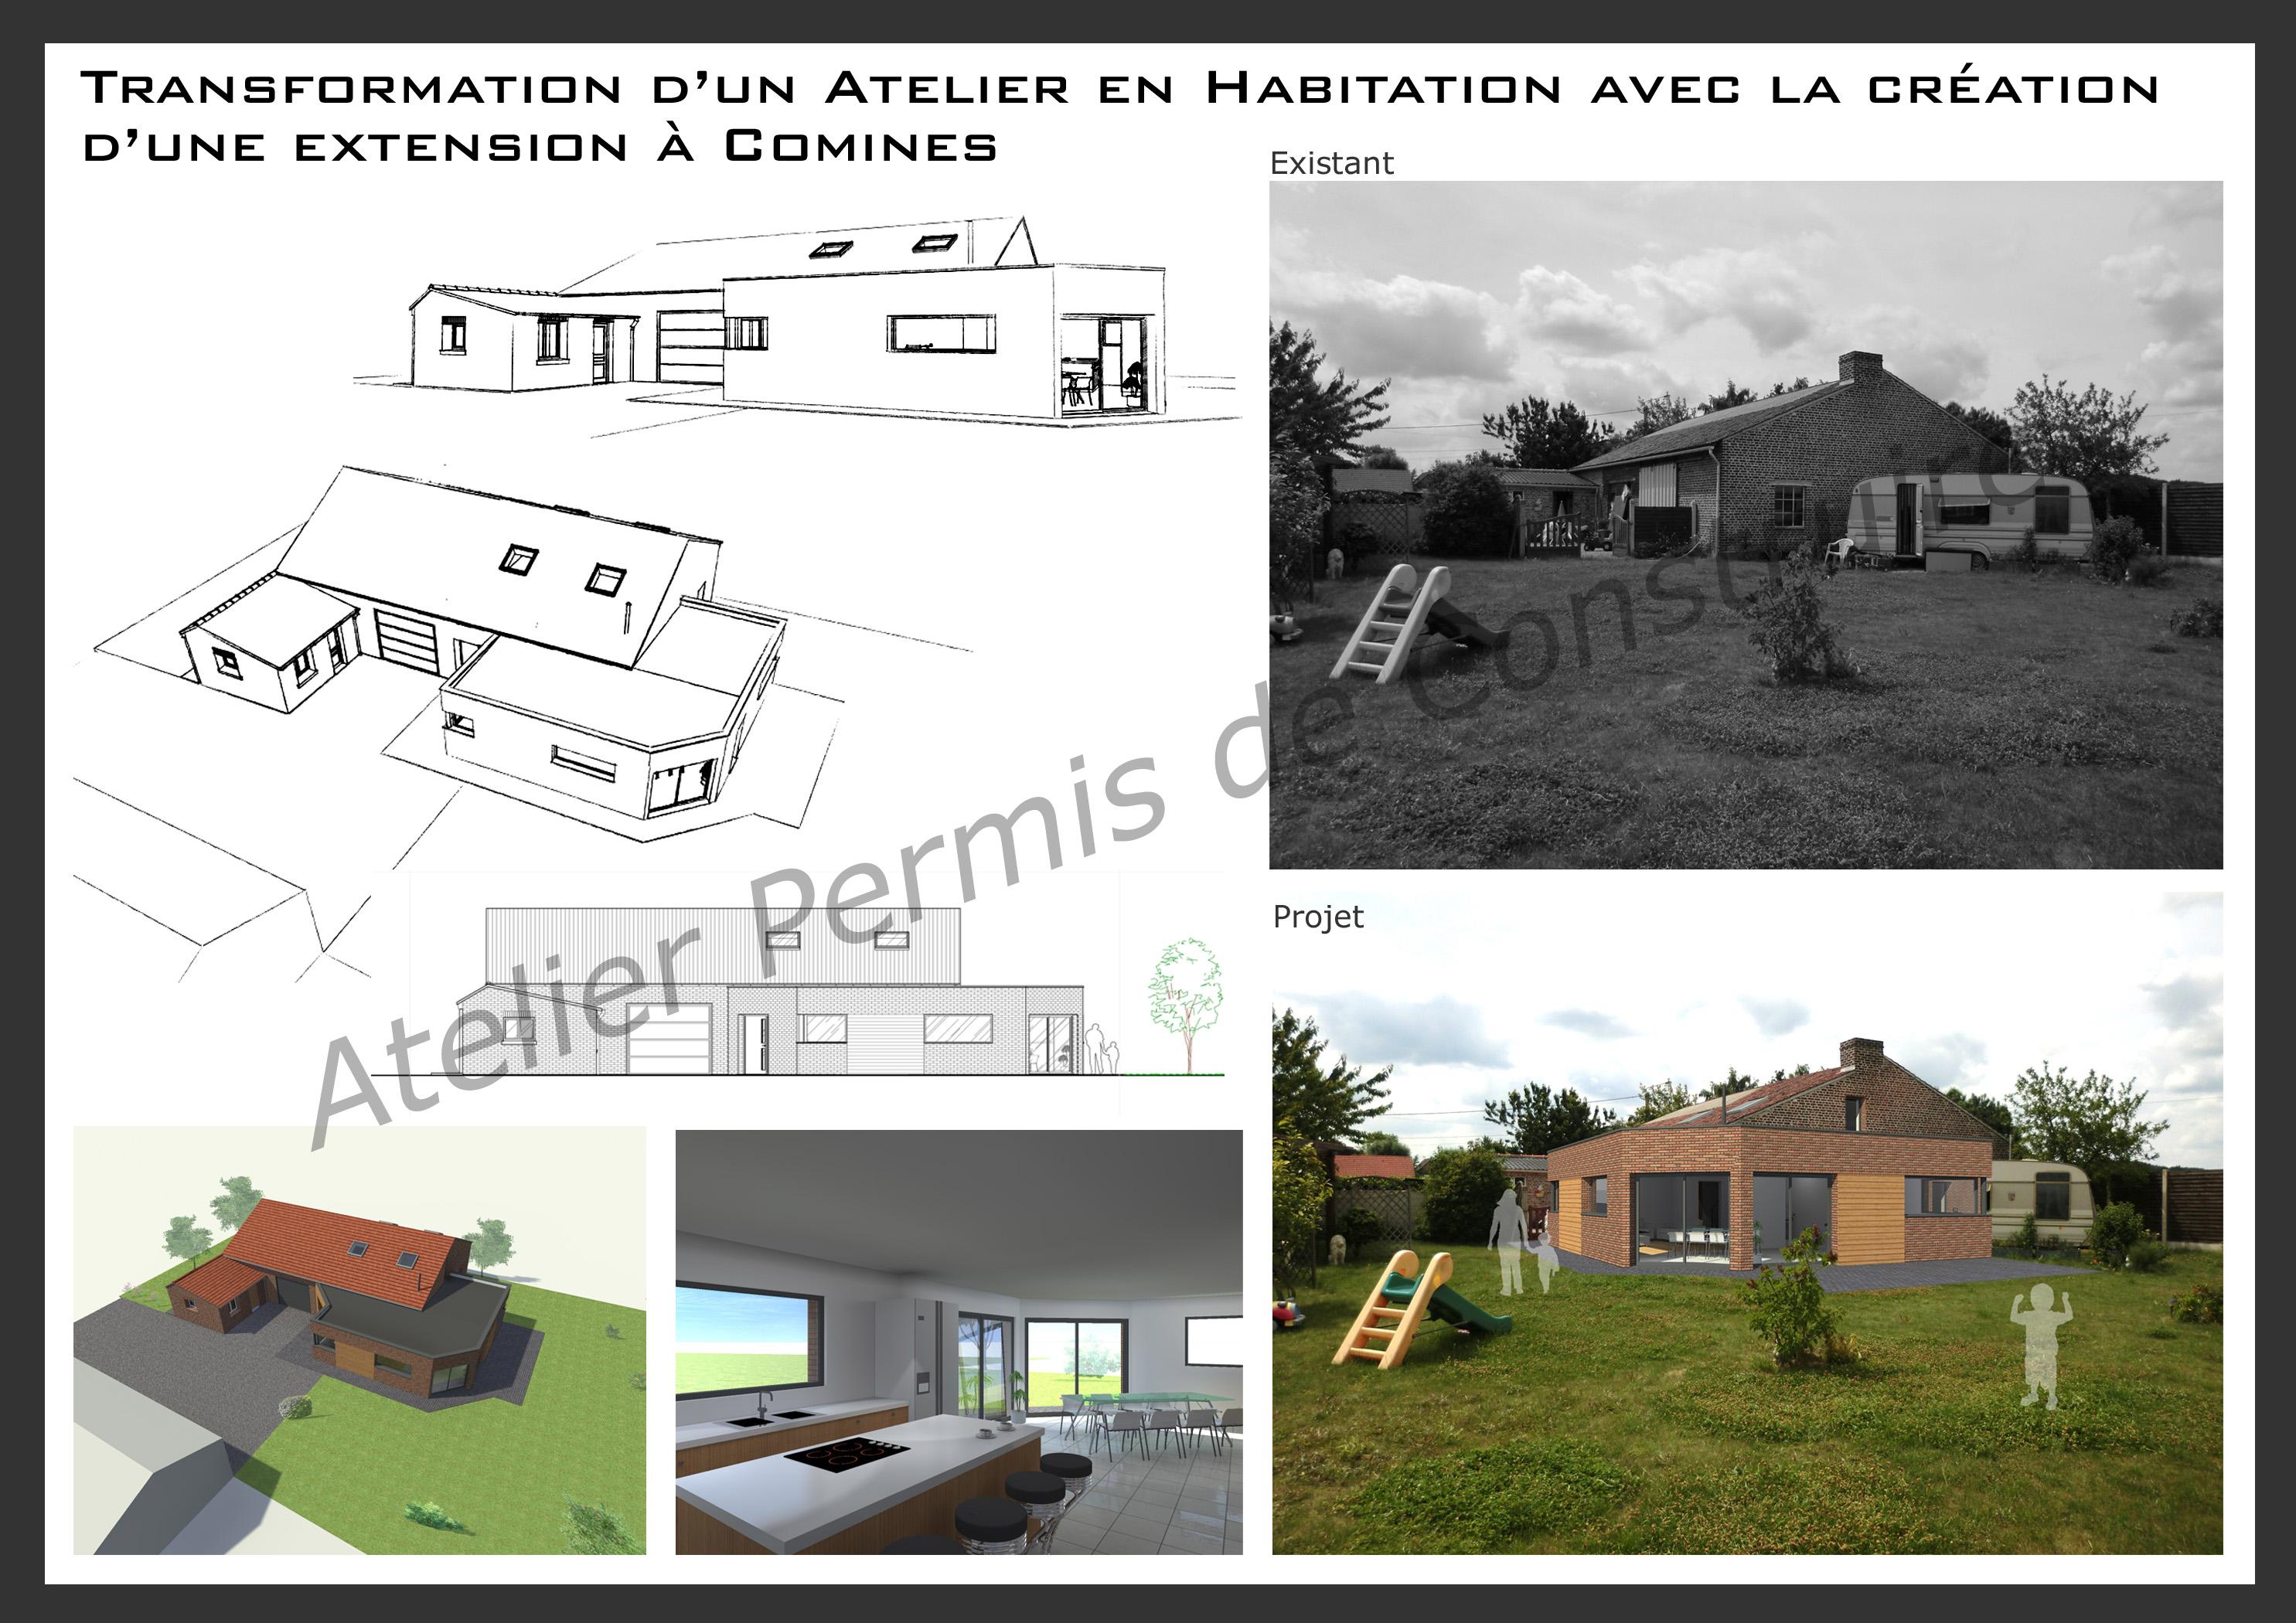 15.11 Atelier Permis de construire extension nord Comines